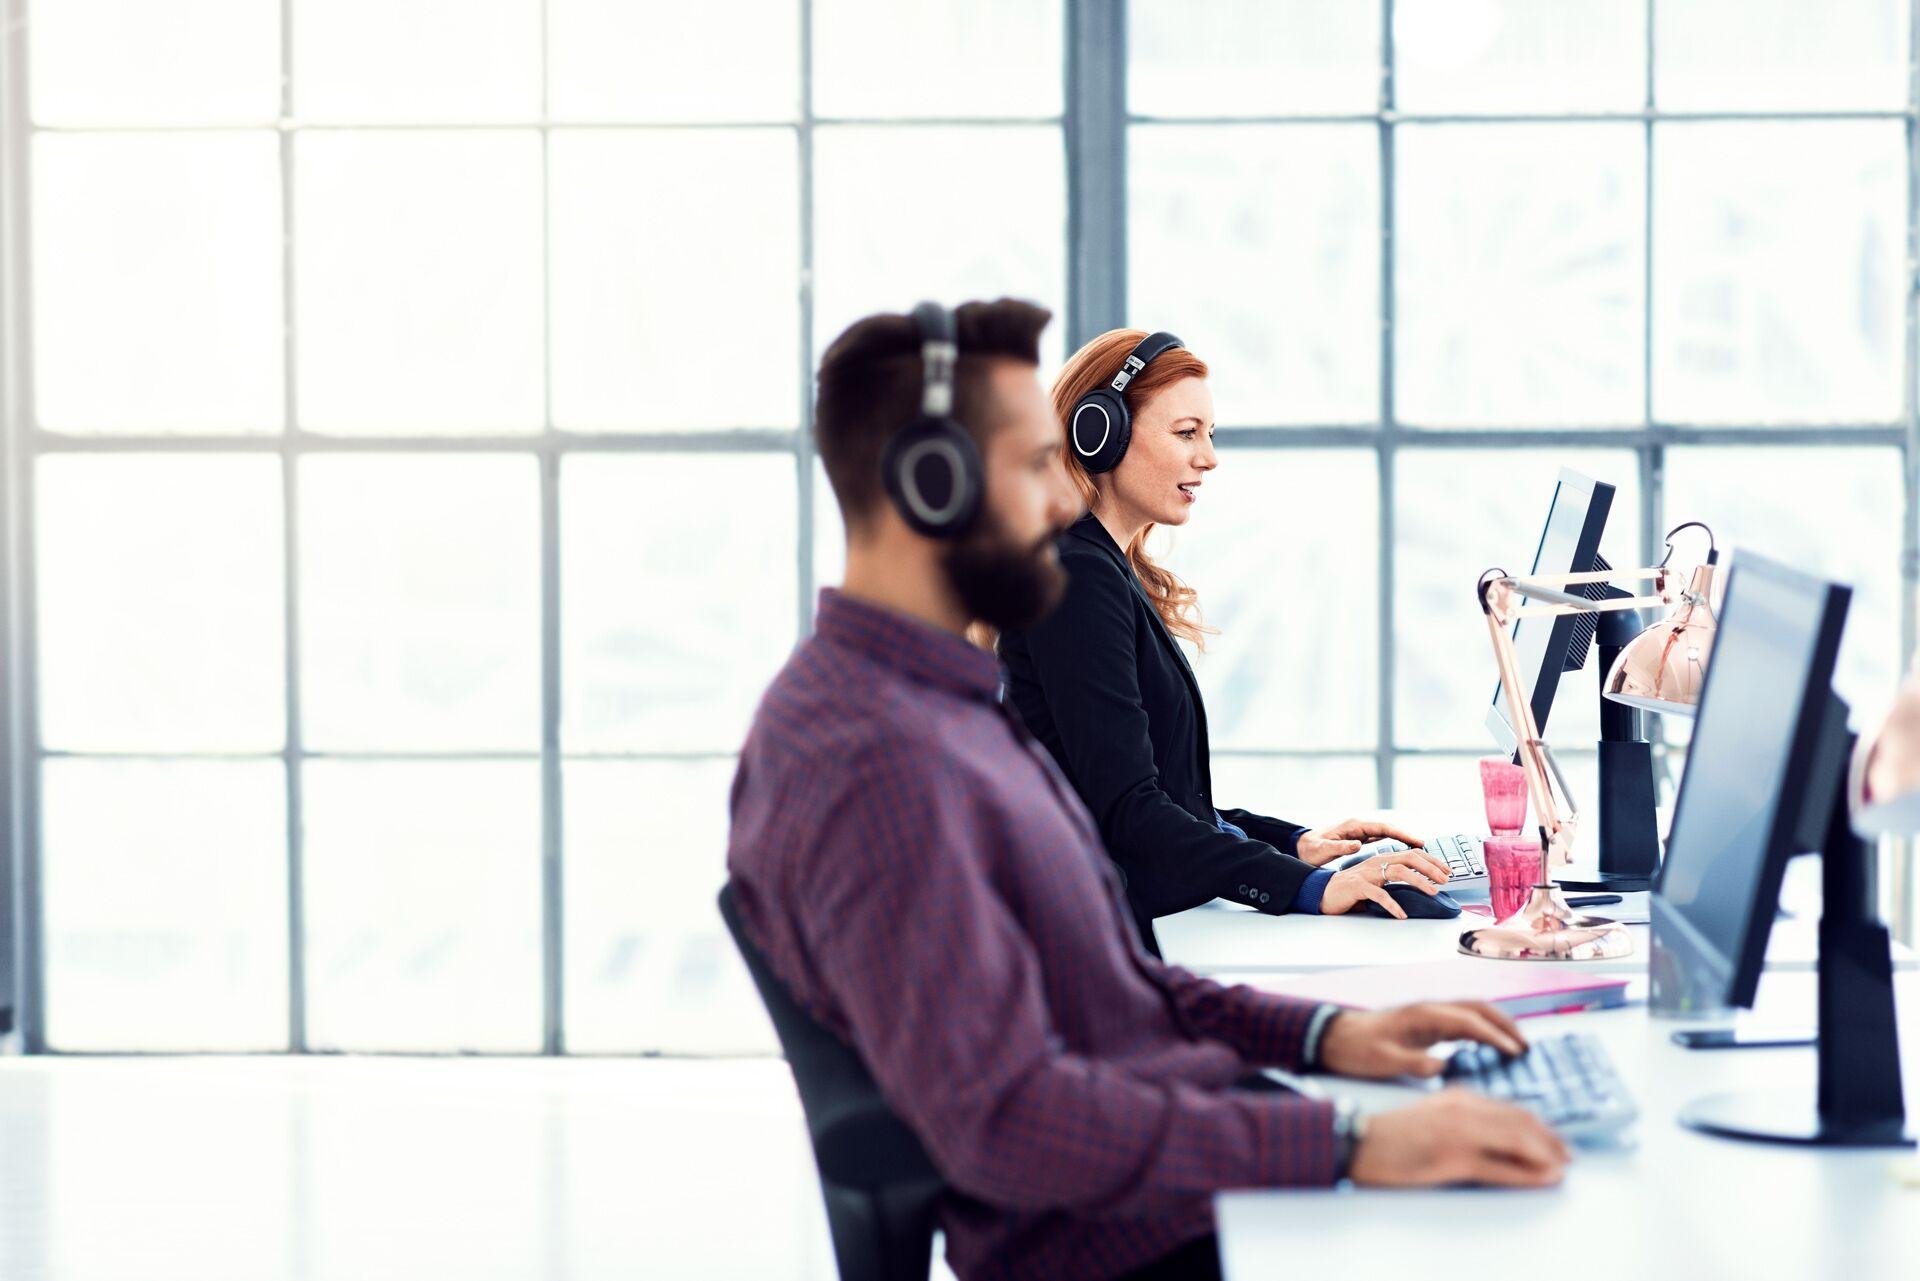 Les technologies favorisant le bien-être des salariés